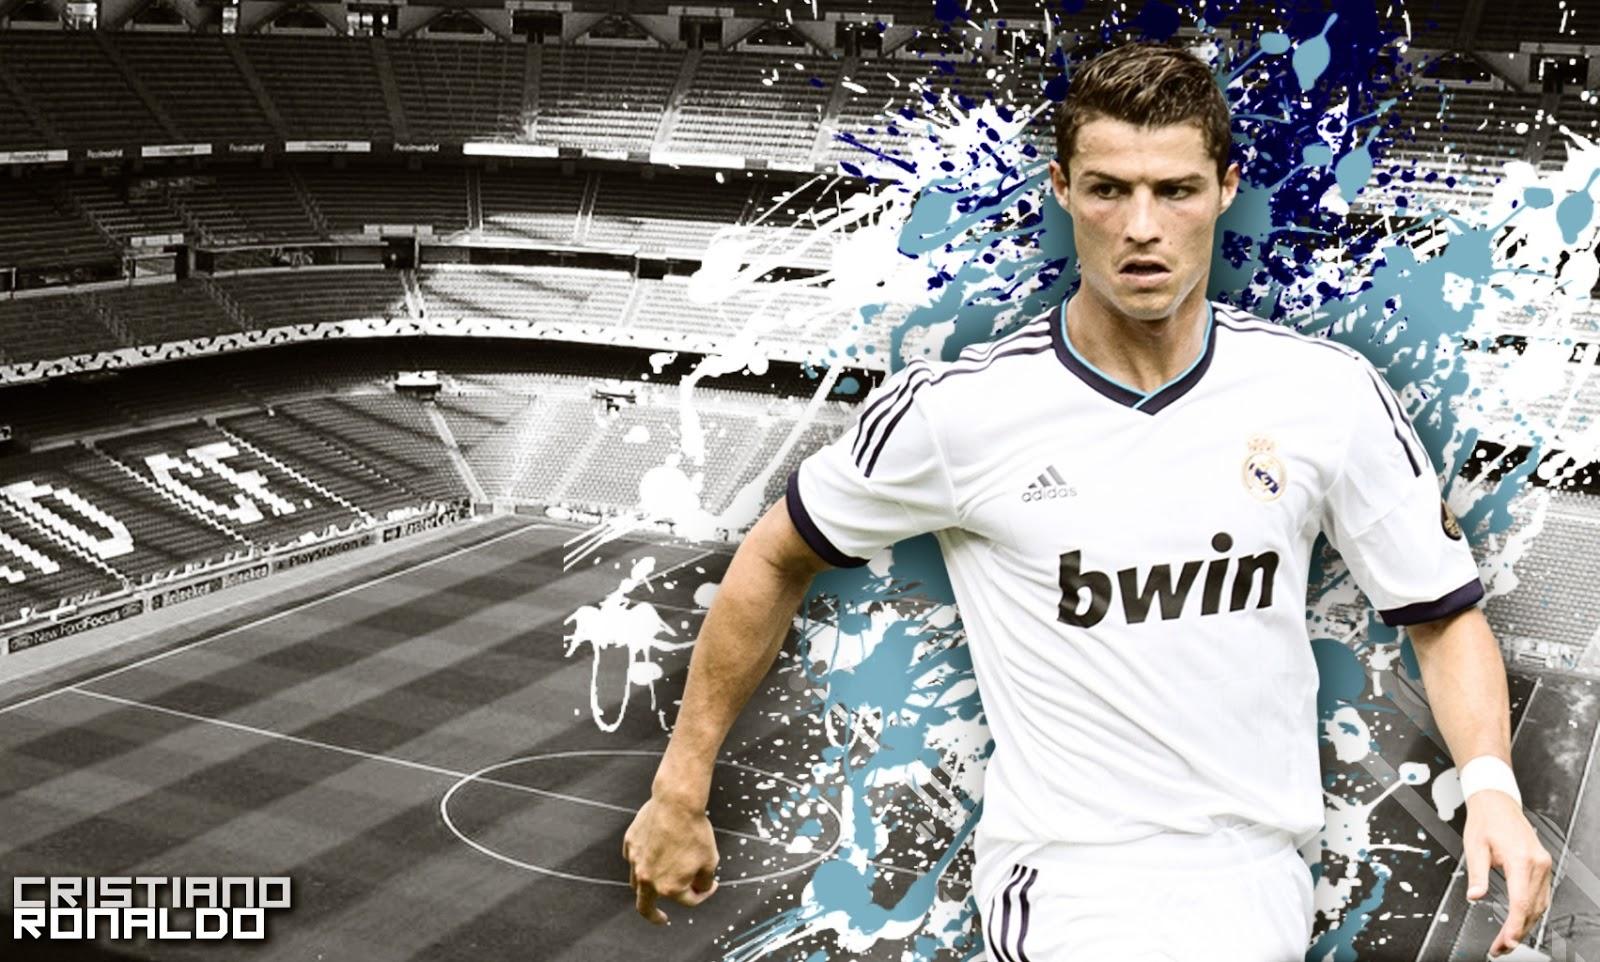 http://2.bp.blogspot.com/-QRChR06YXho/UPNsH8qnvTI/AAAAAAAAAAY/95e1YbaidQU/s1600/2013_Cristiano_Ronaldo_HD_Wallpapers.jpg